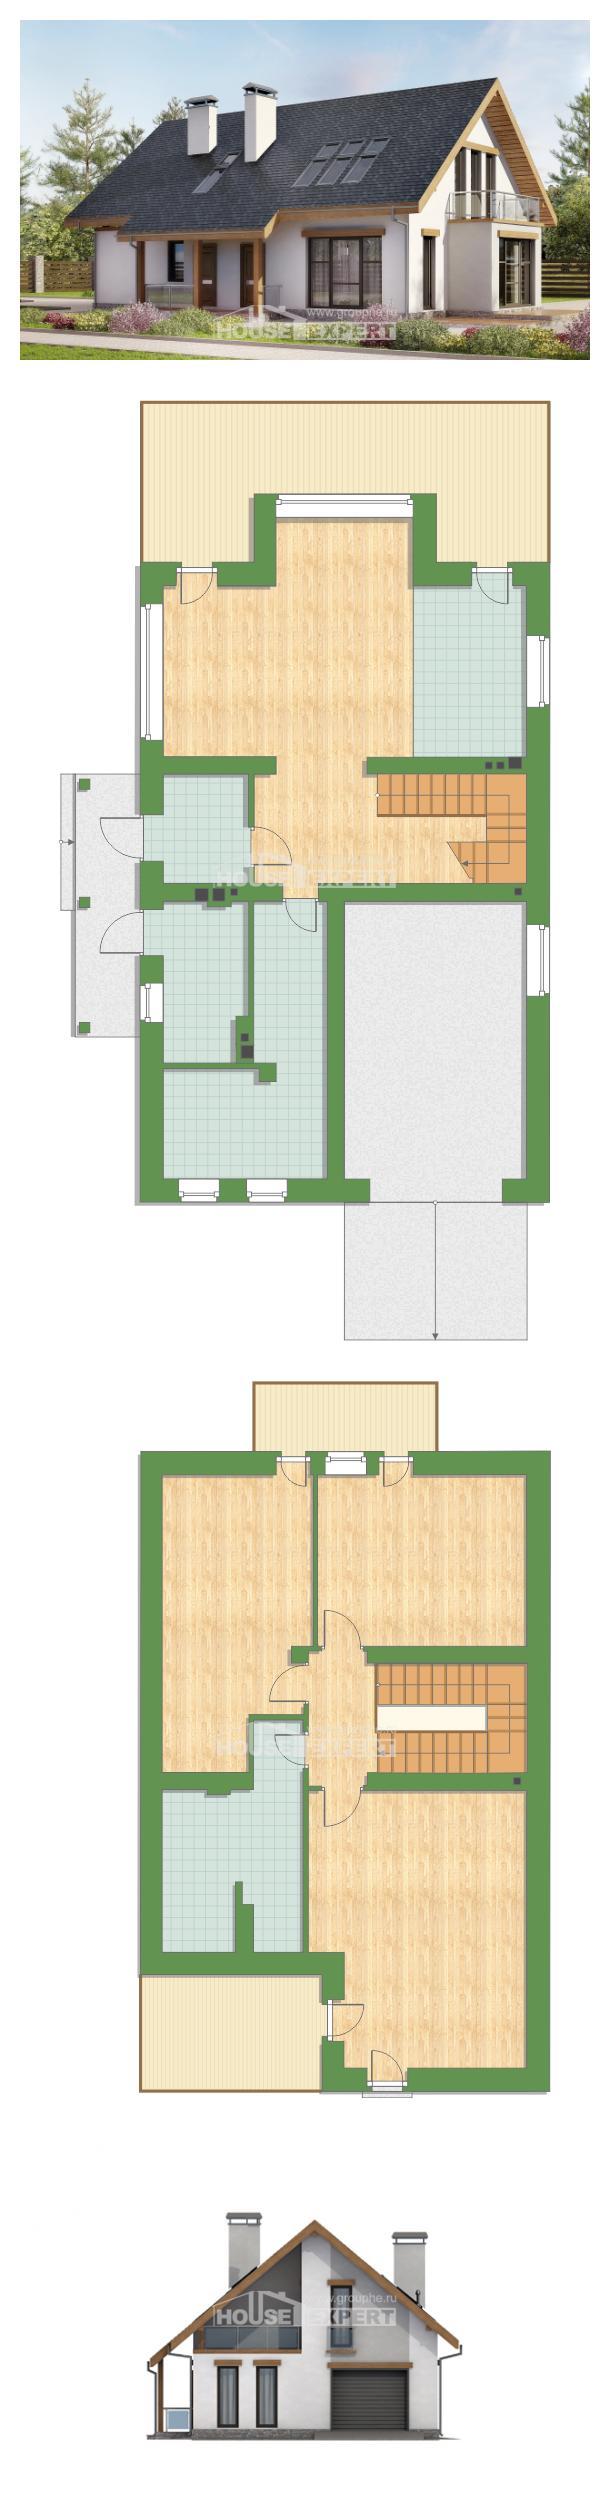 Plan 185-005-R | House Expert